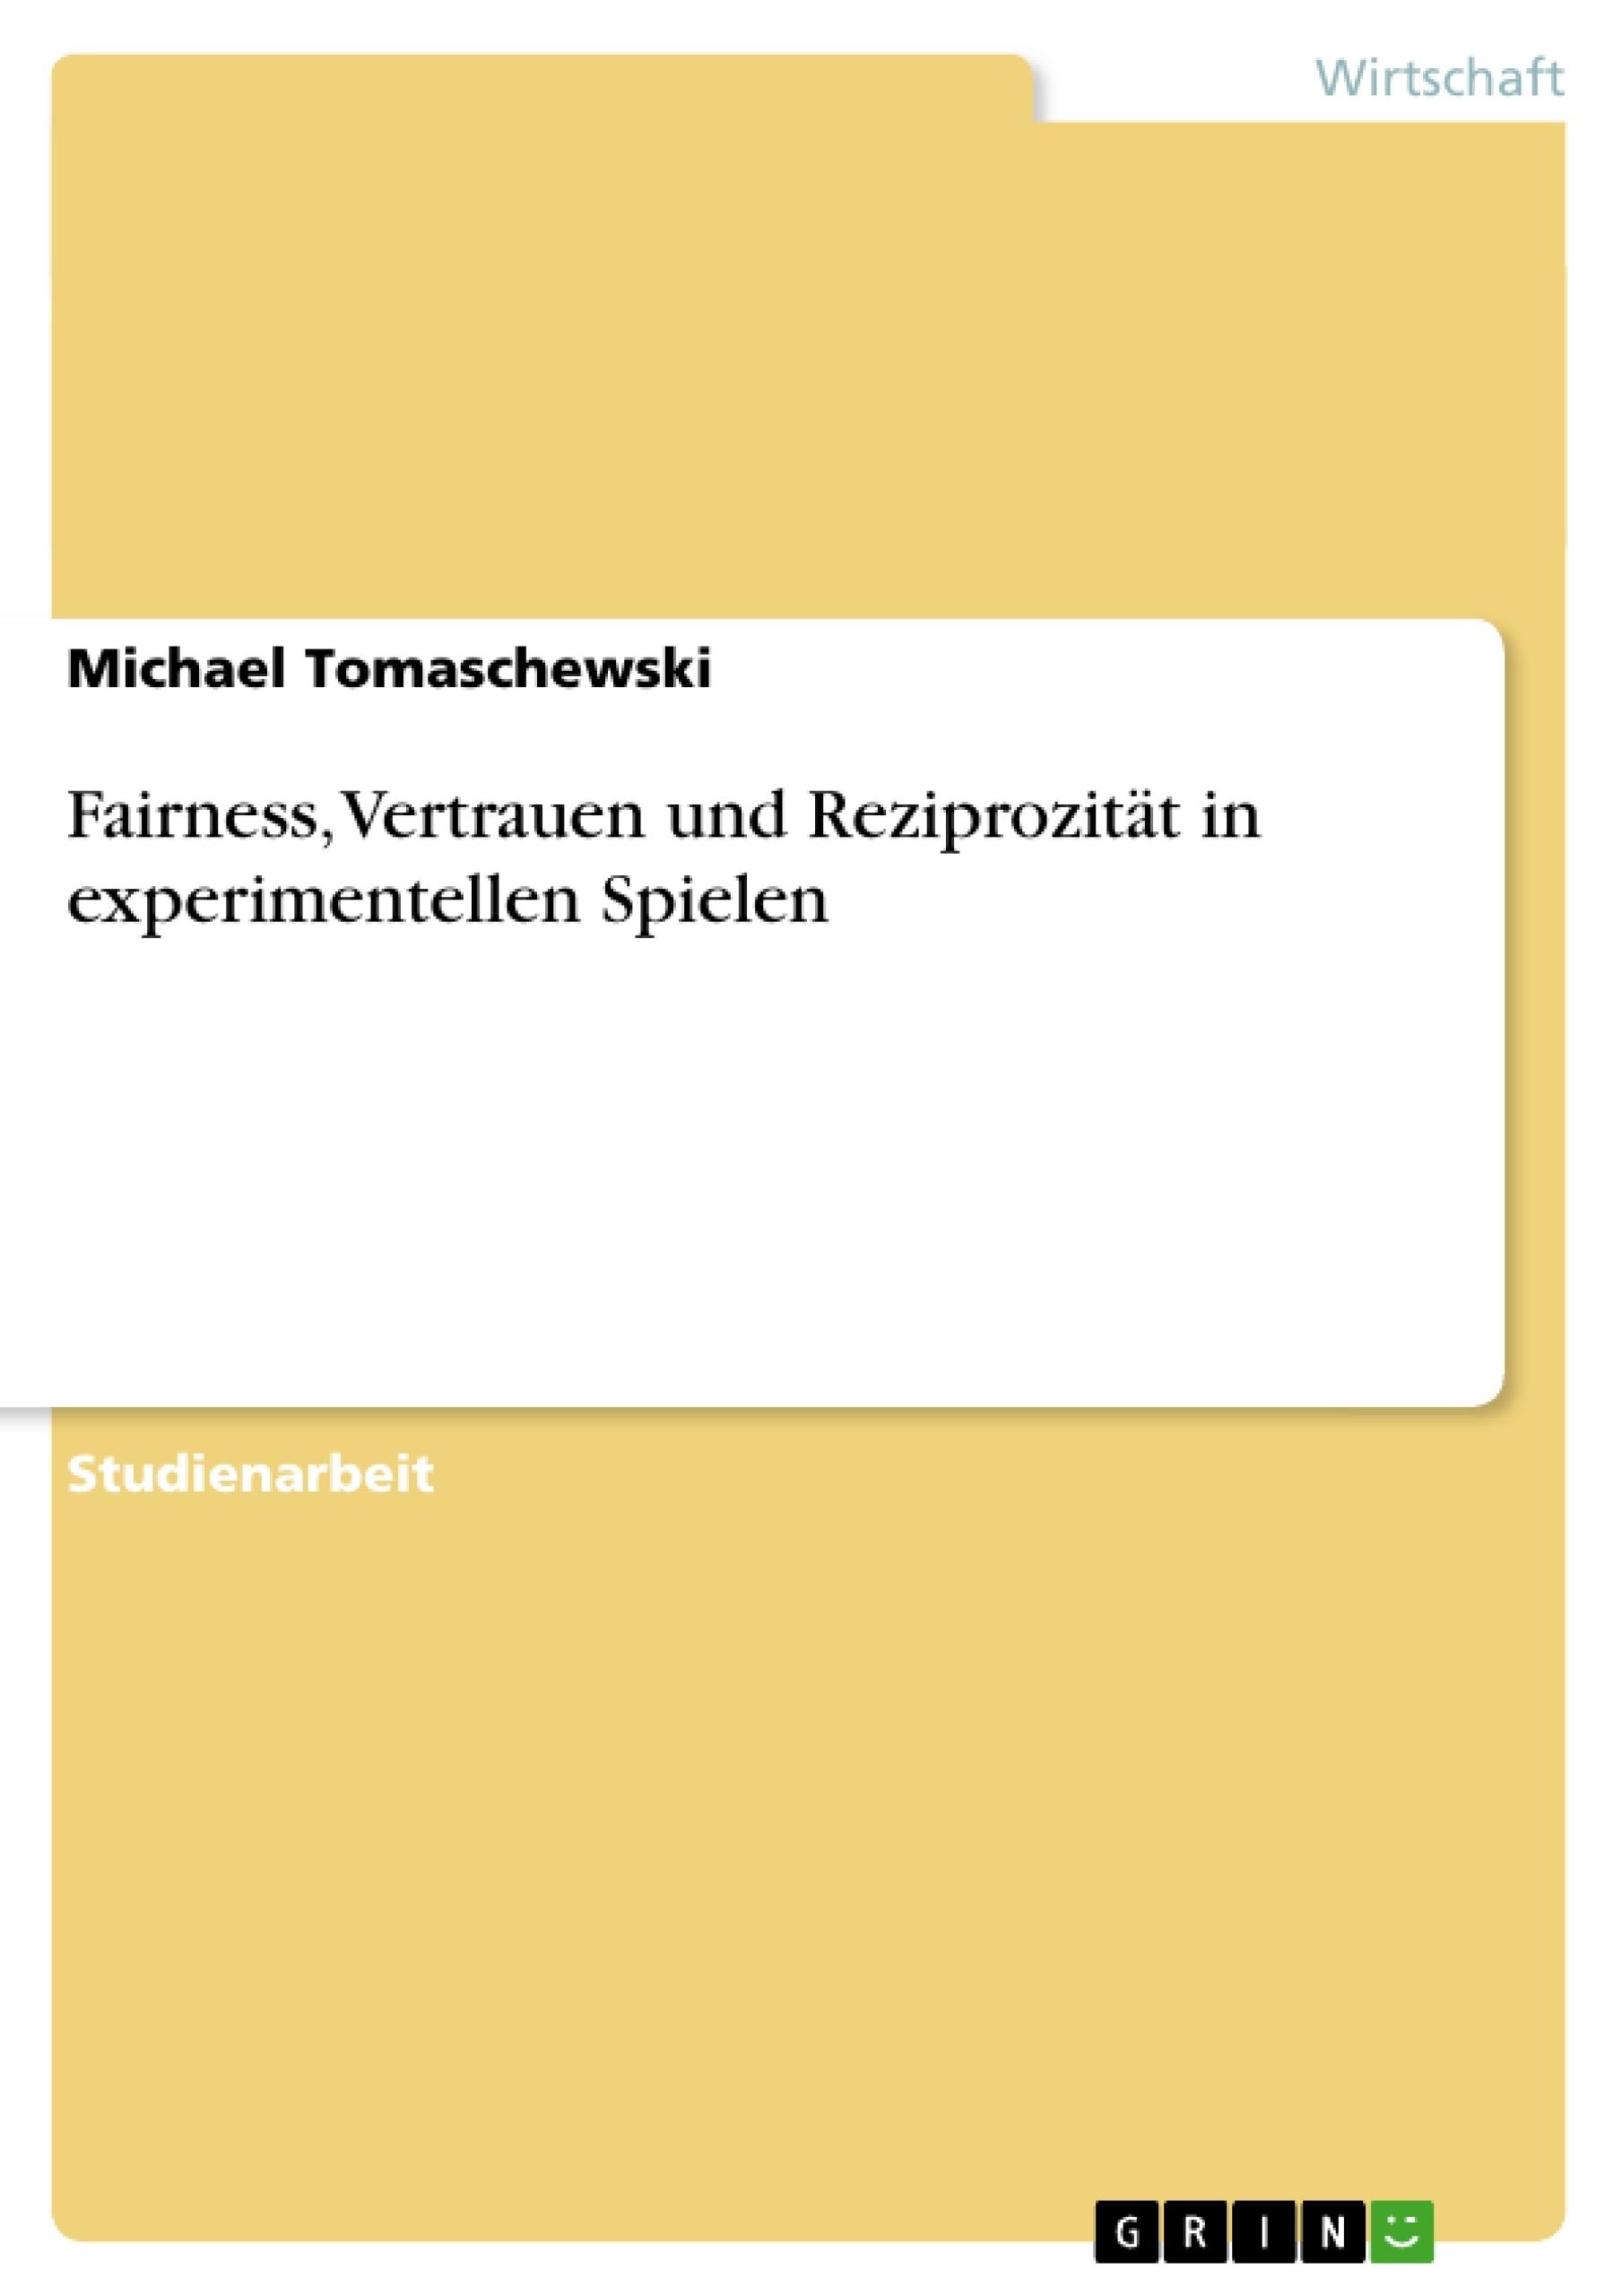 Titel: Fairness, Vertrauen und Reziprozität in experimentellen Spielen